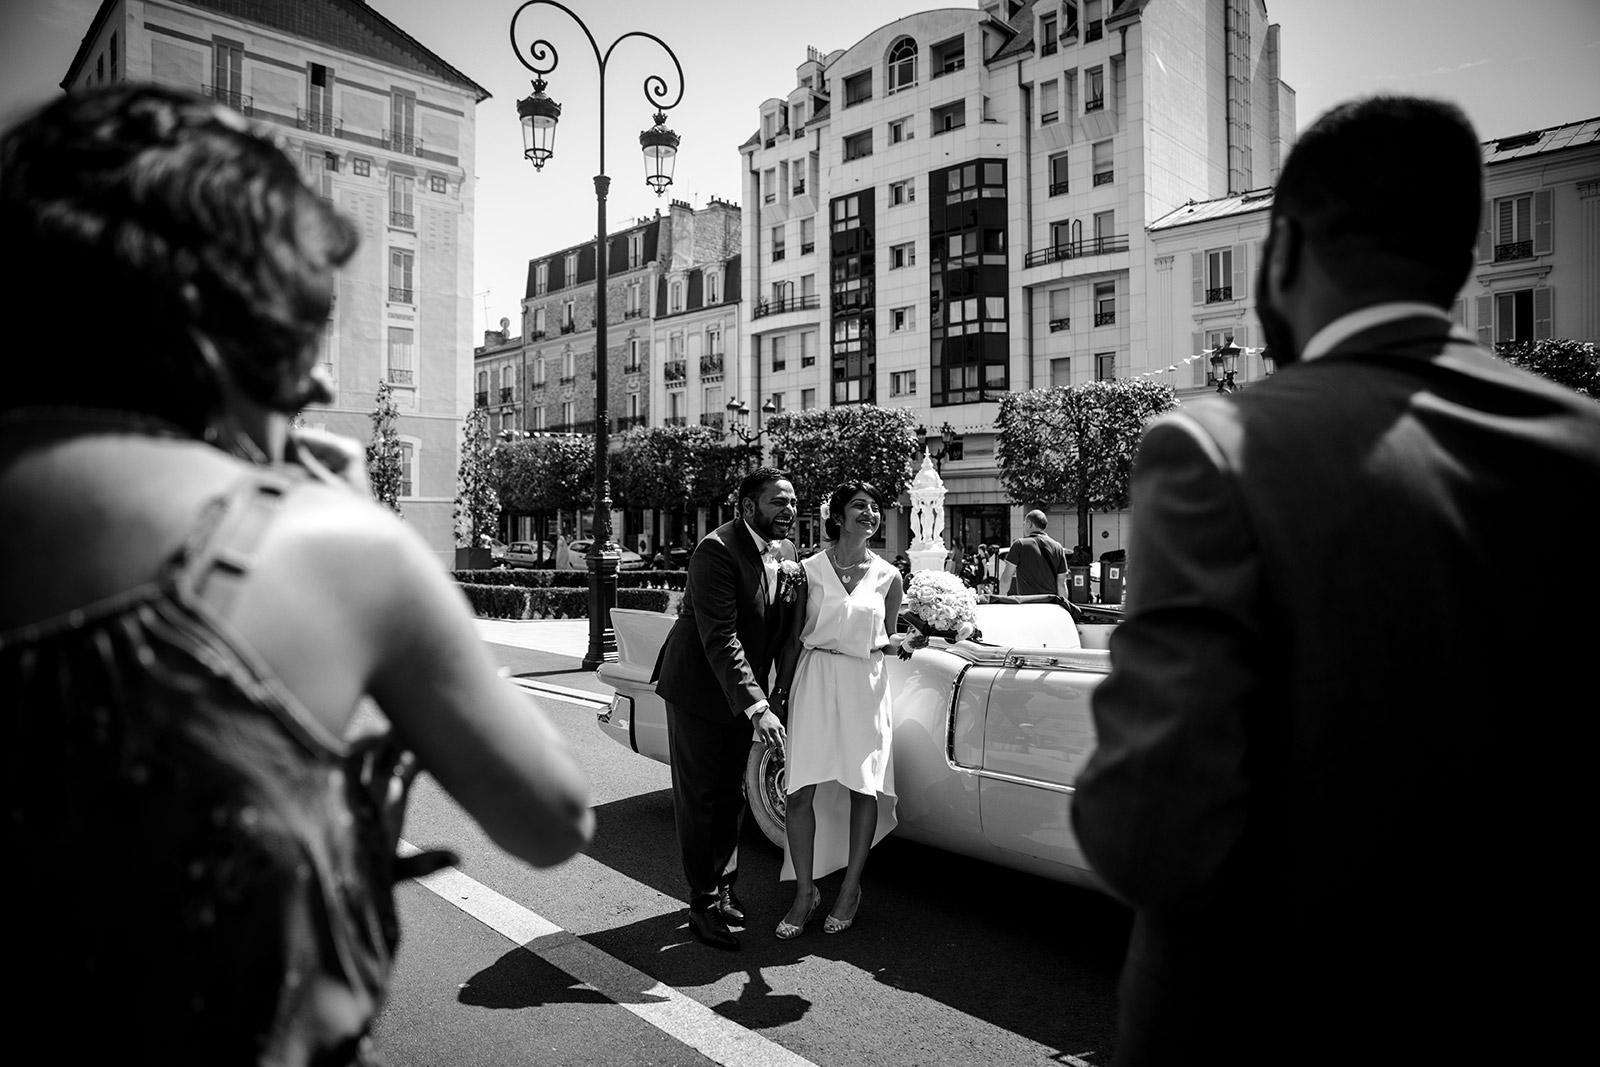 meilleur avis photographe de mariage Puteaux Photographe de mariage intime Paris Puteaux